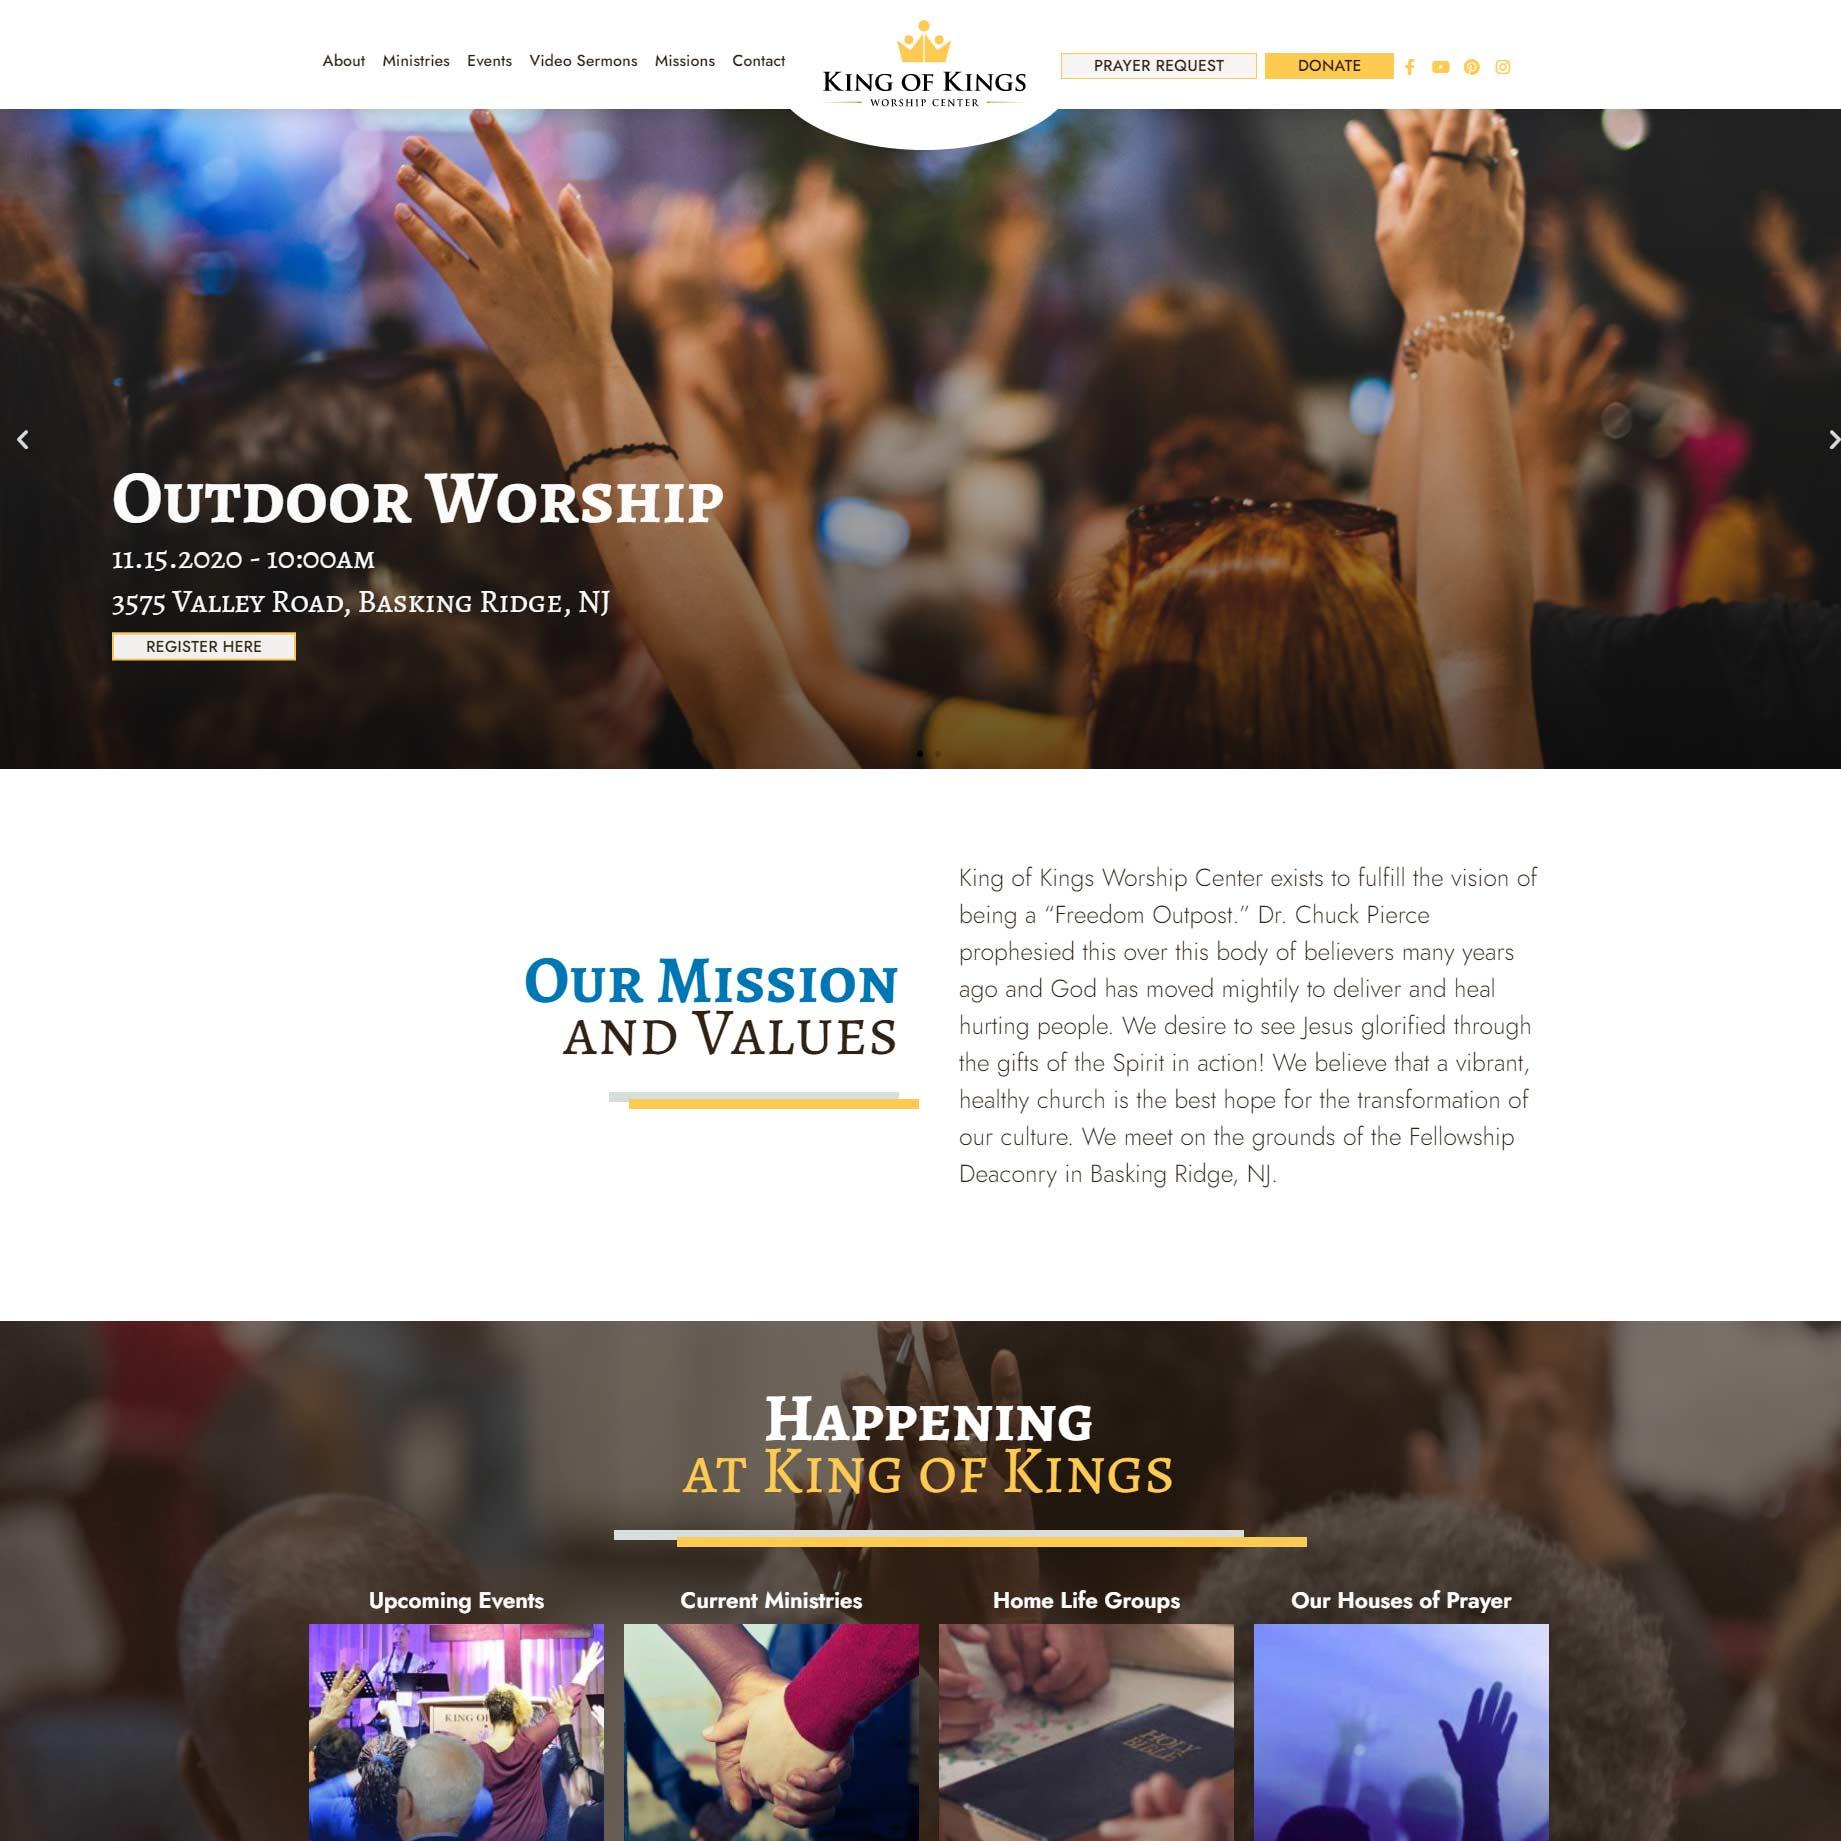 king of kings website